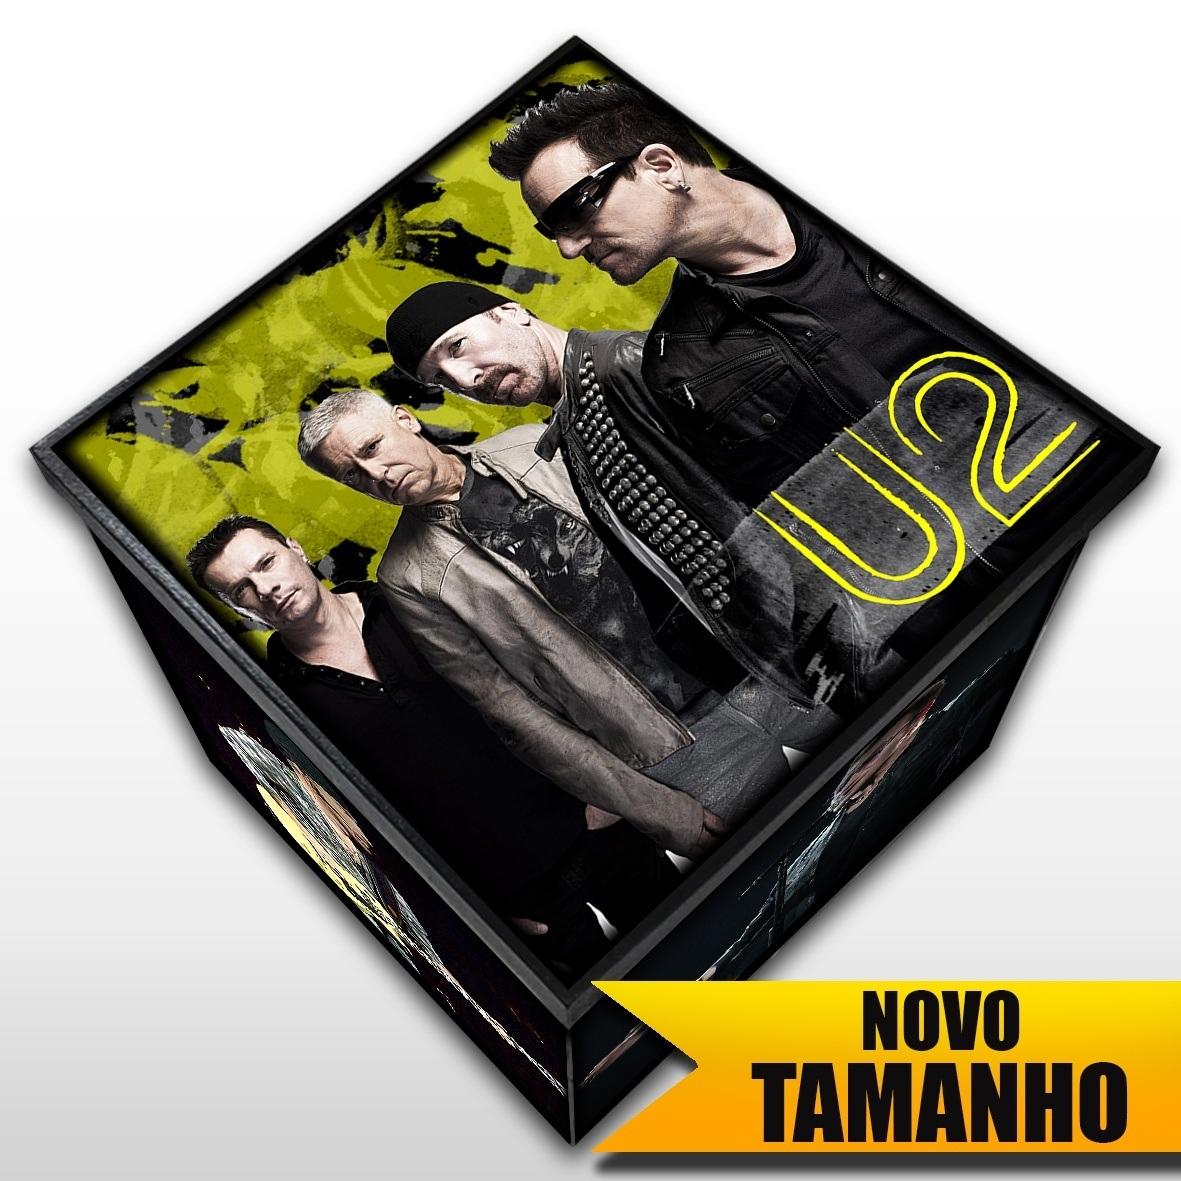 U2 - Caixa em Madeira MDF - Tamanho Grande - Mr. Rock